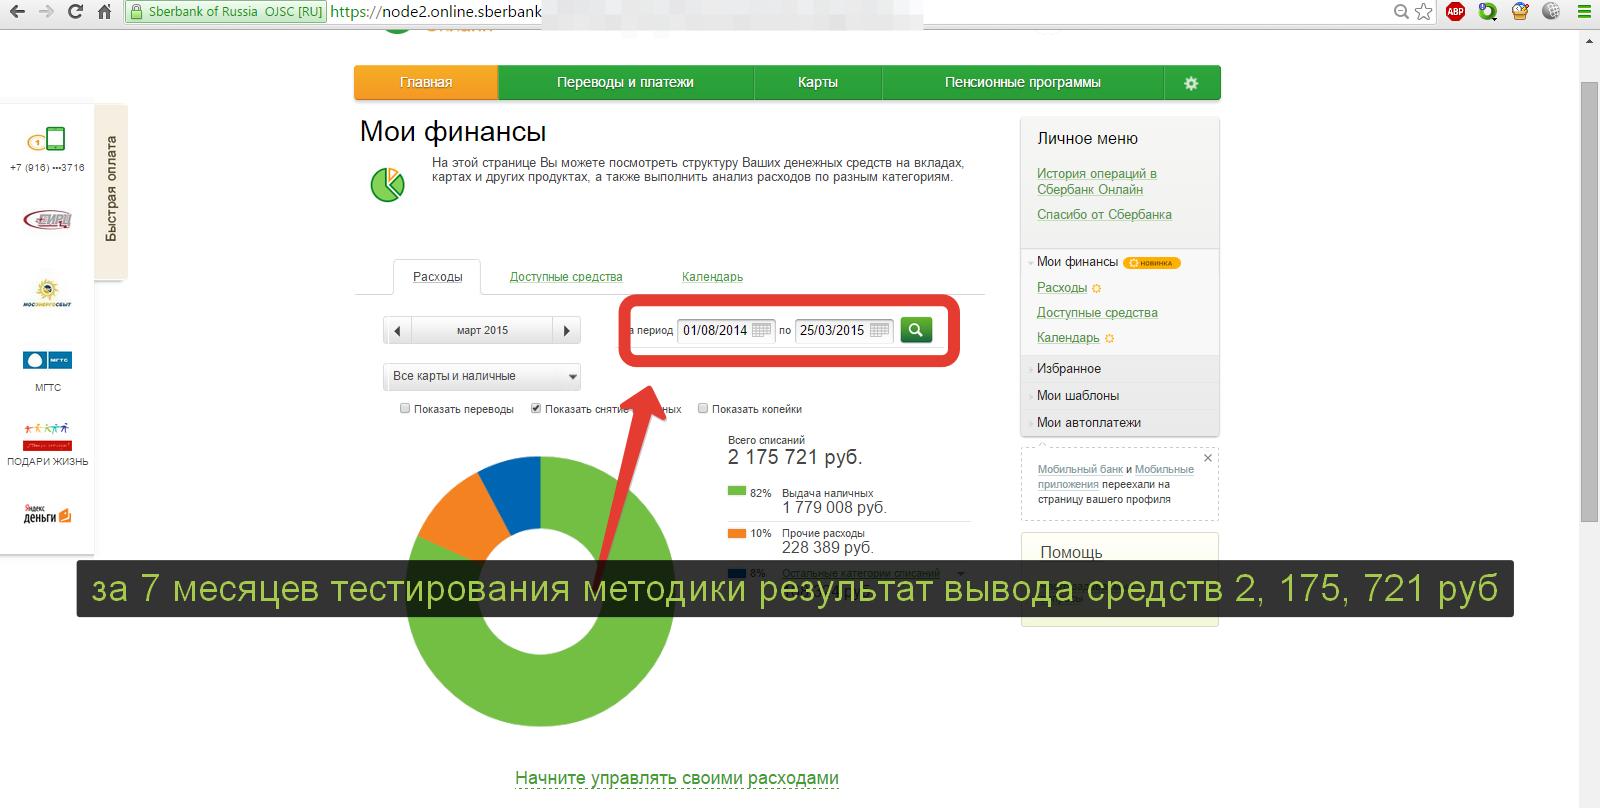 http://u4.platformalp.ru/aba53da2f6340a8b89dc96d09d0d0430/eca0d593ff251dea2b097fb6144553f8.png